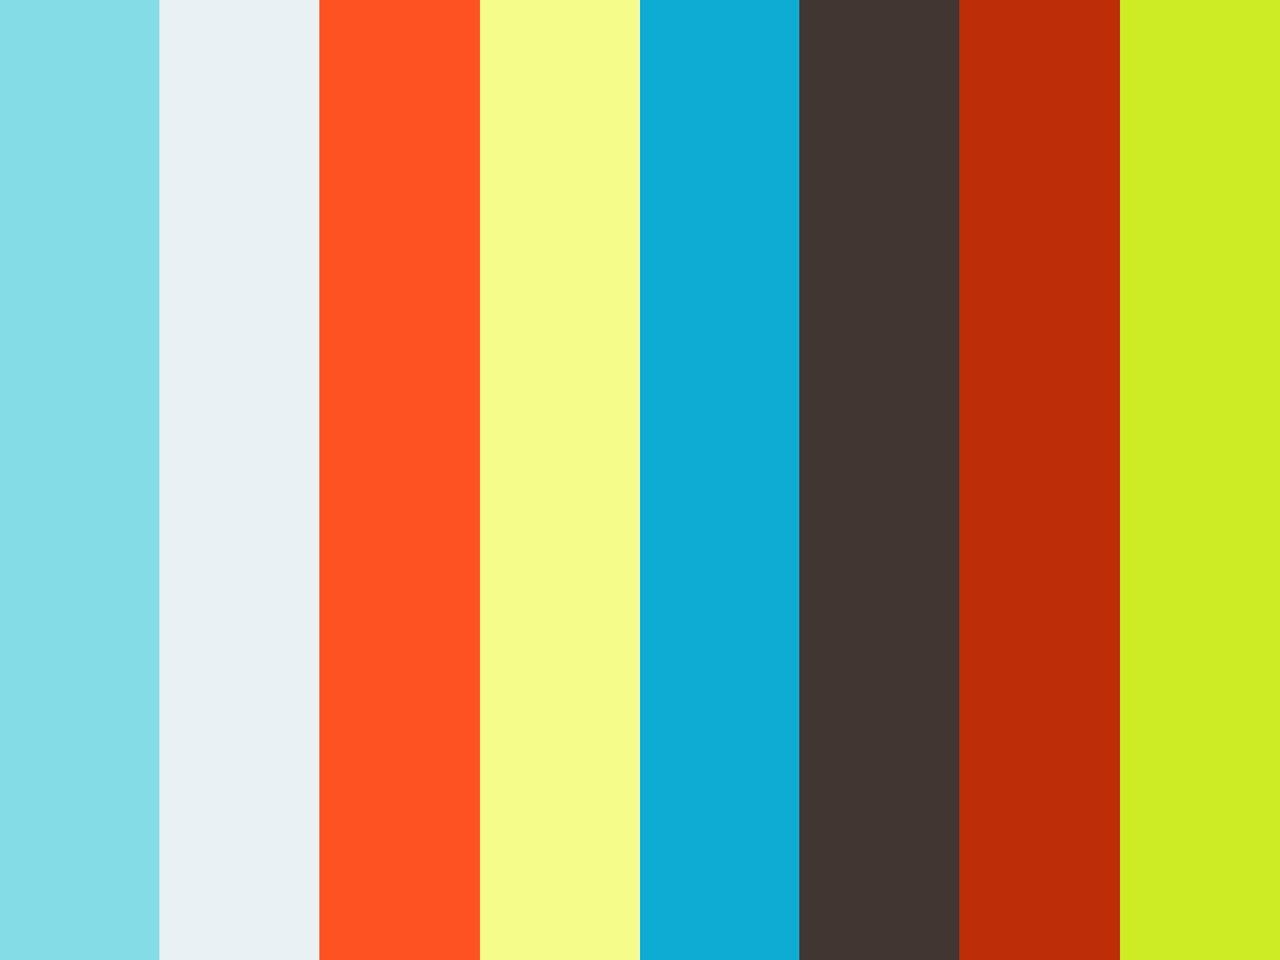 Color Noise - VJ Loop Pack (6in1)